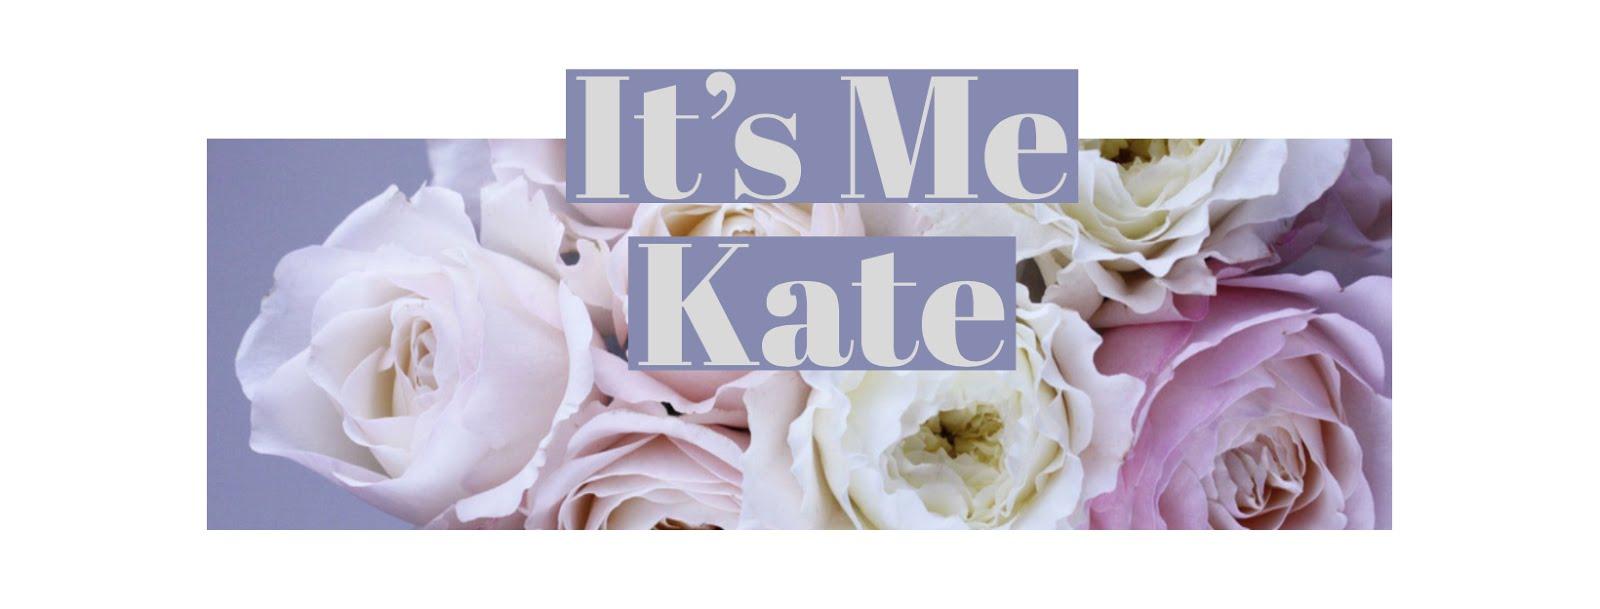 It's Me Kate